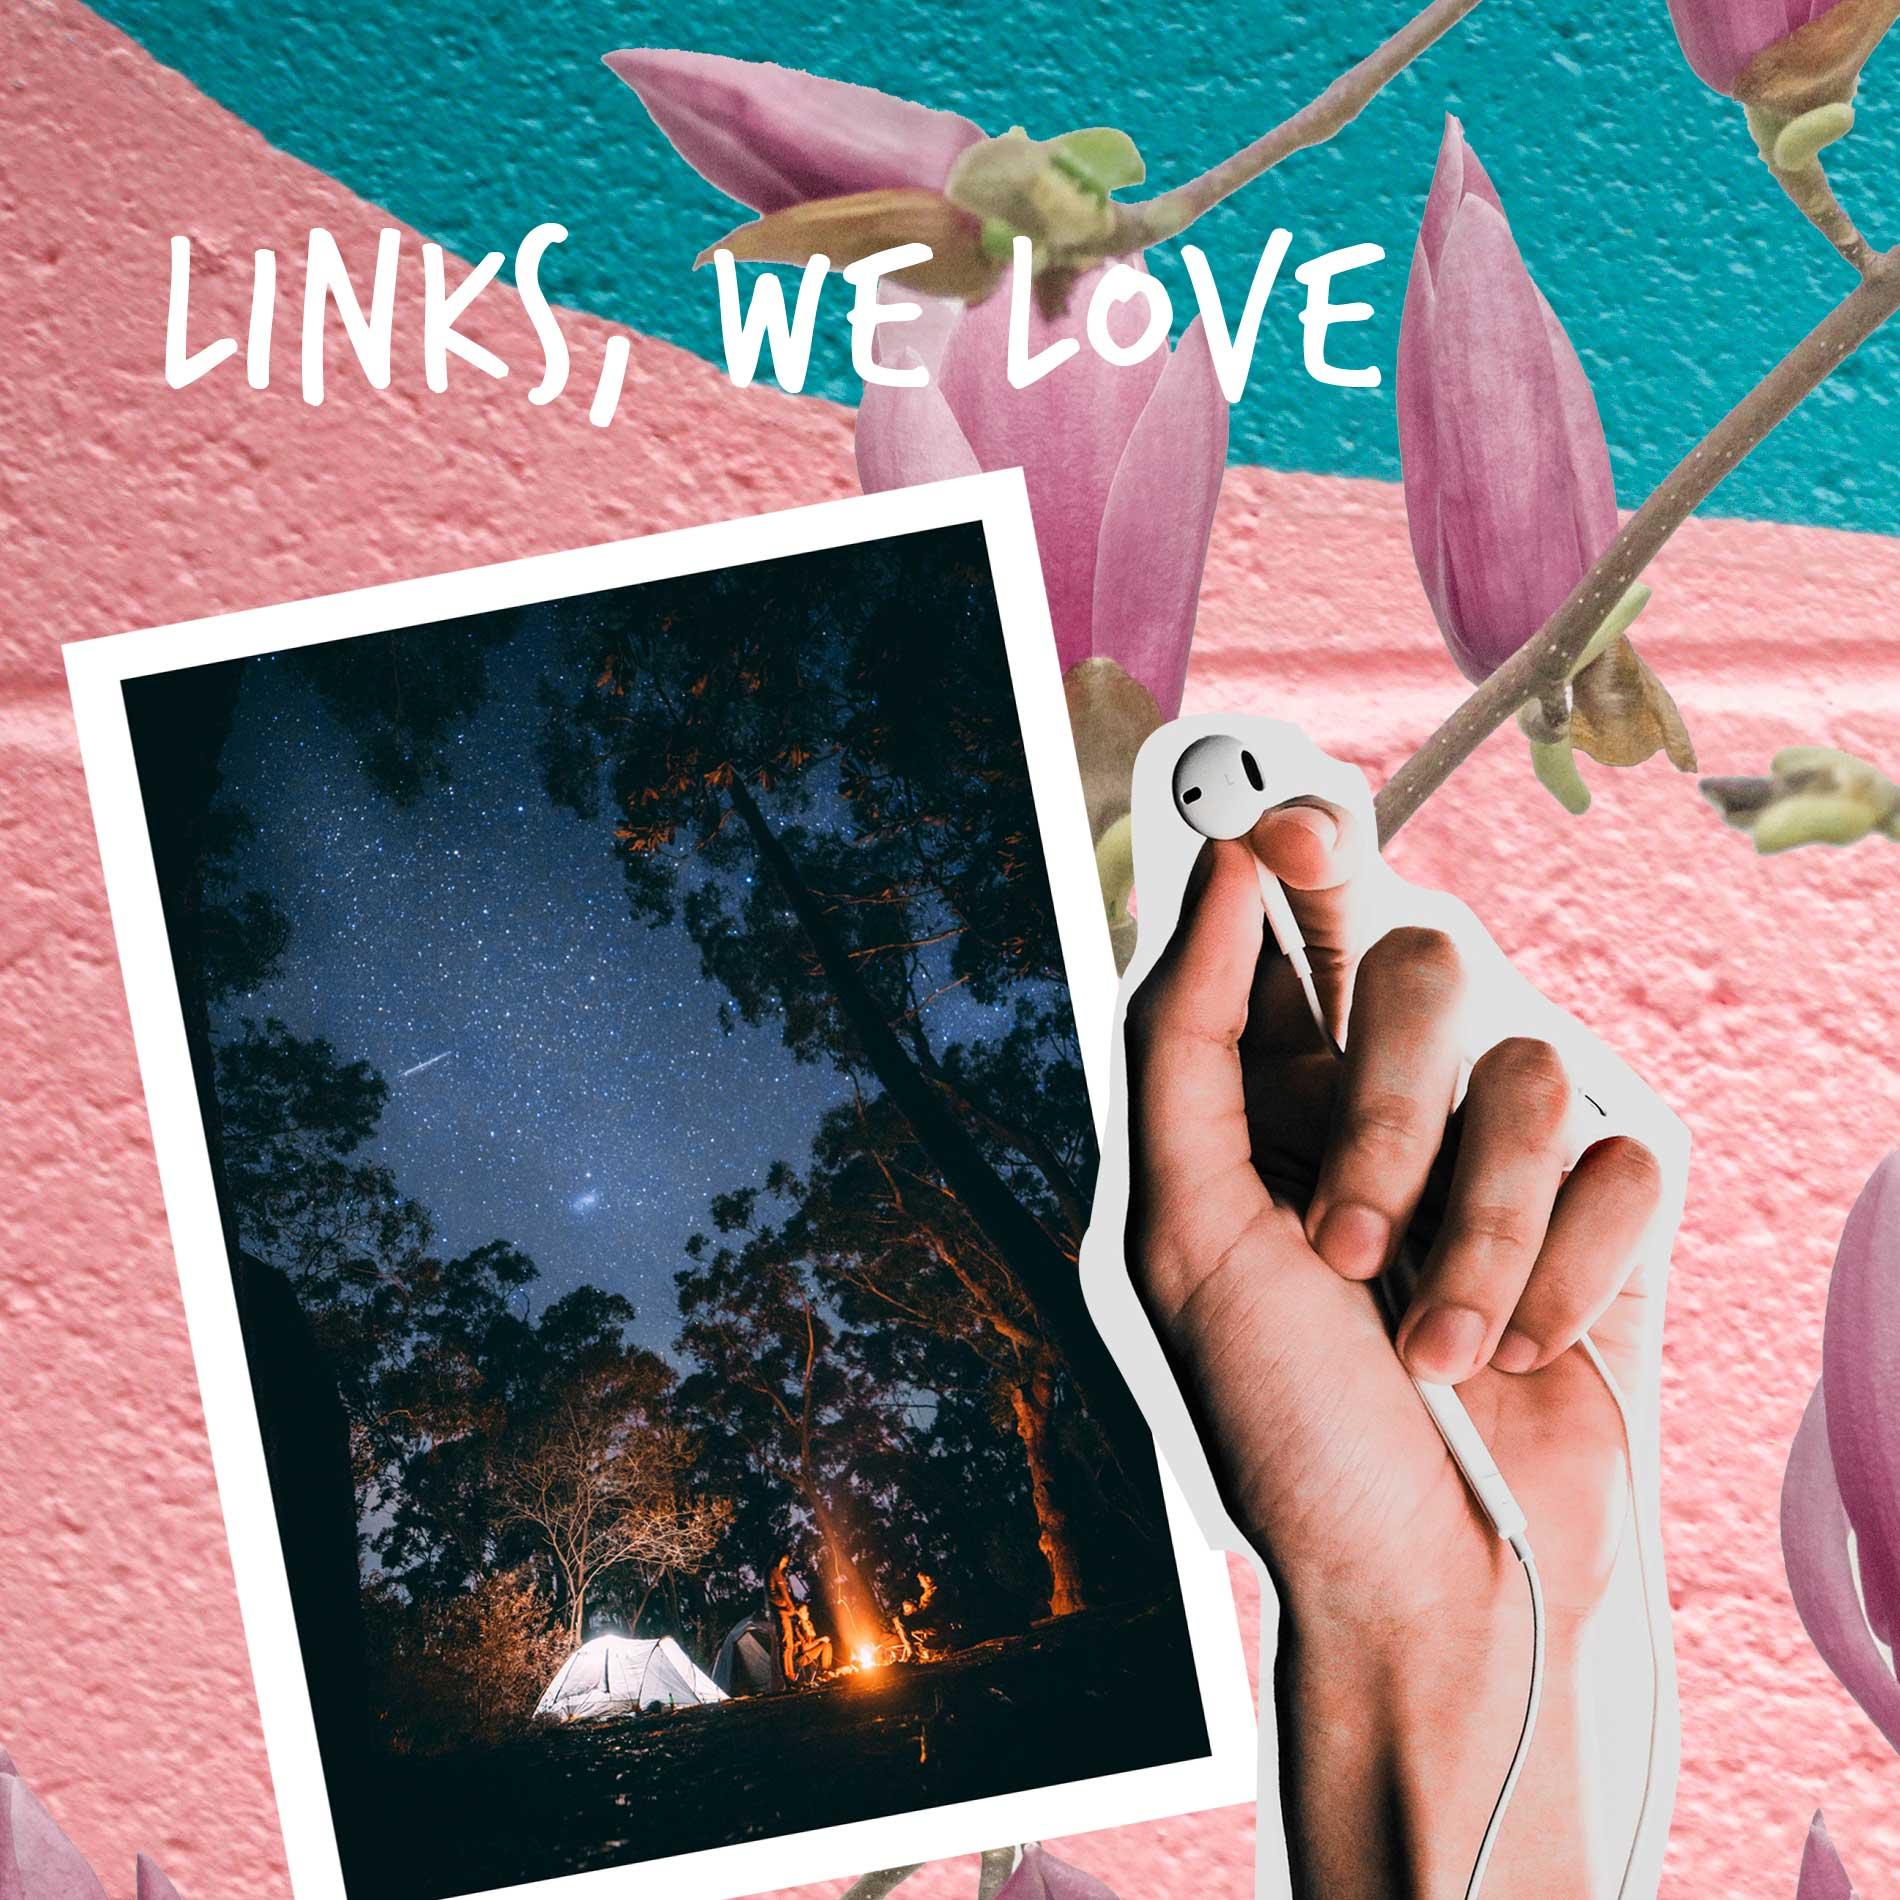 Zündstoff und Links, die wir lieben, News, Neuheiten, News, neuer Zündstoff, den wir lieben, tolle Geschichten, gute Podcasts, Neuheiten, Fair Fashion